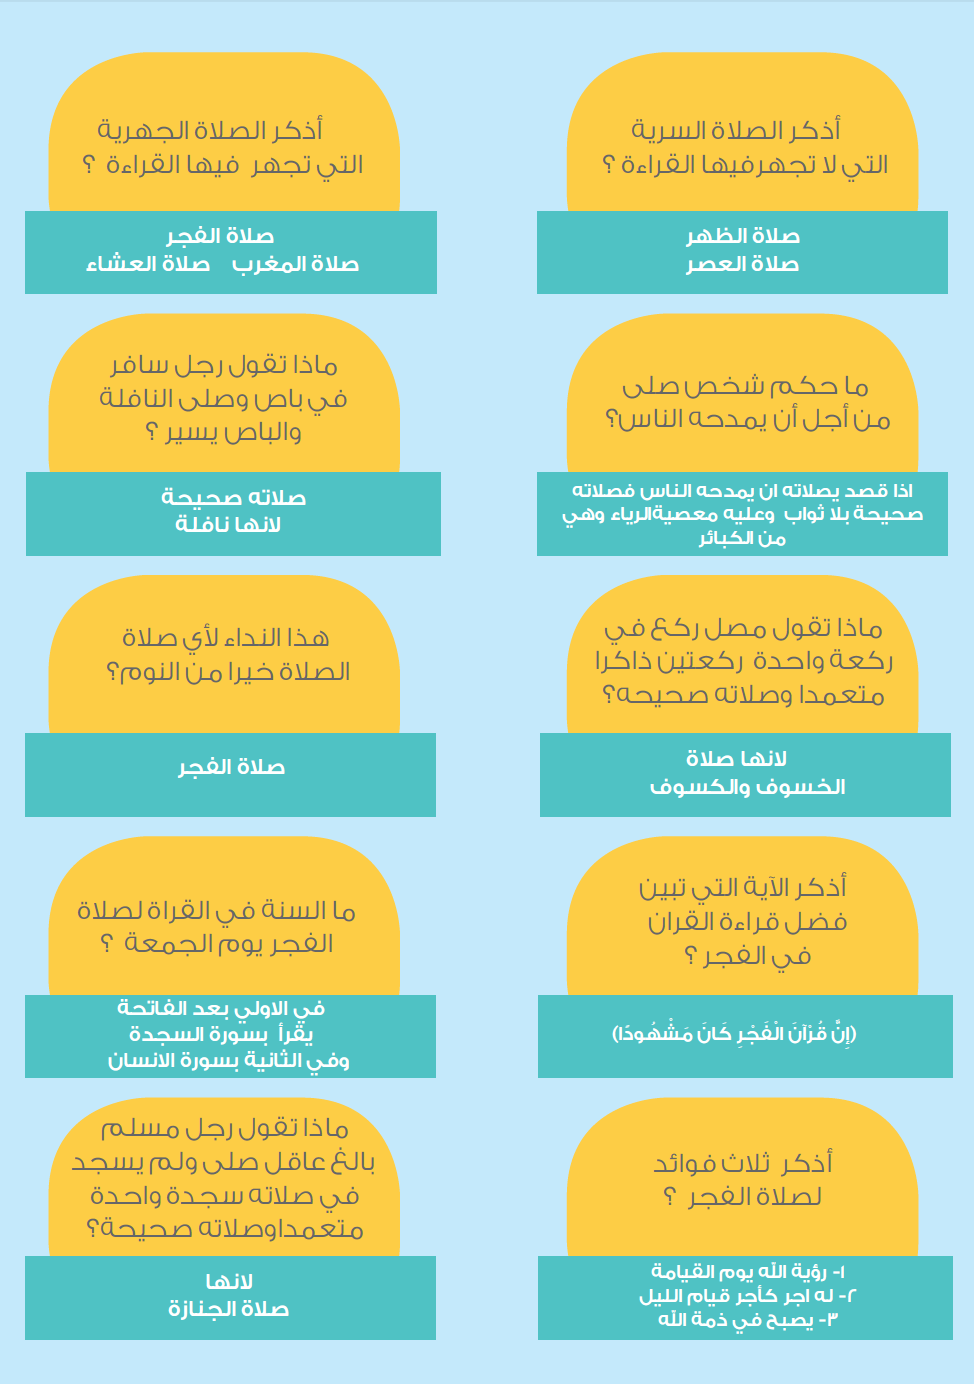 العاب تعليمية ومسابقات لتعليم الأطفال الصلاة والوضوء In 2020 App Layout Arabic Kids App